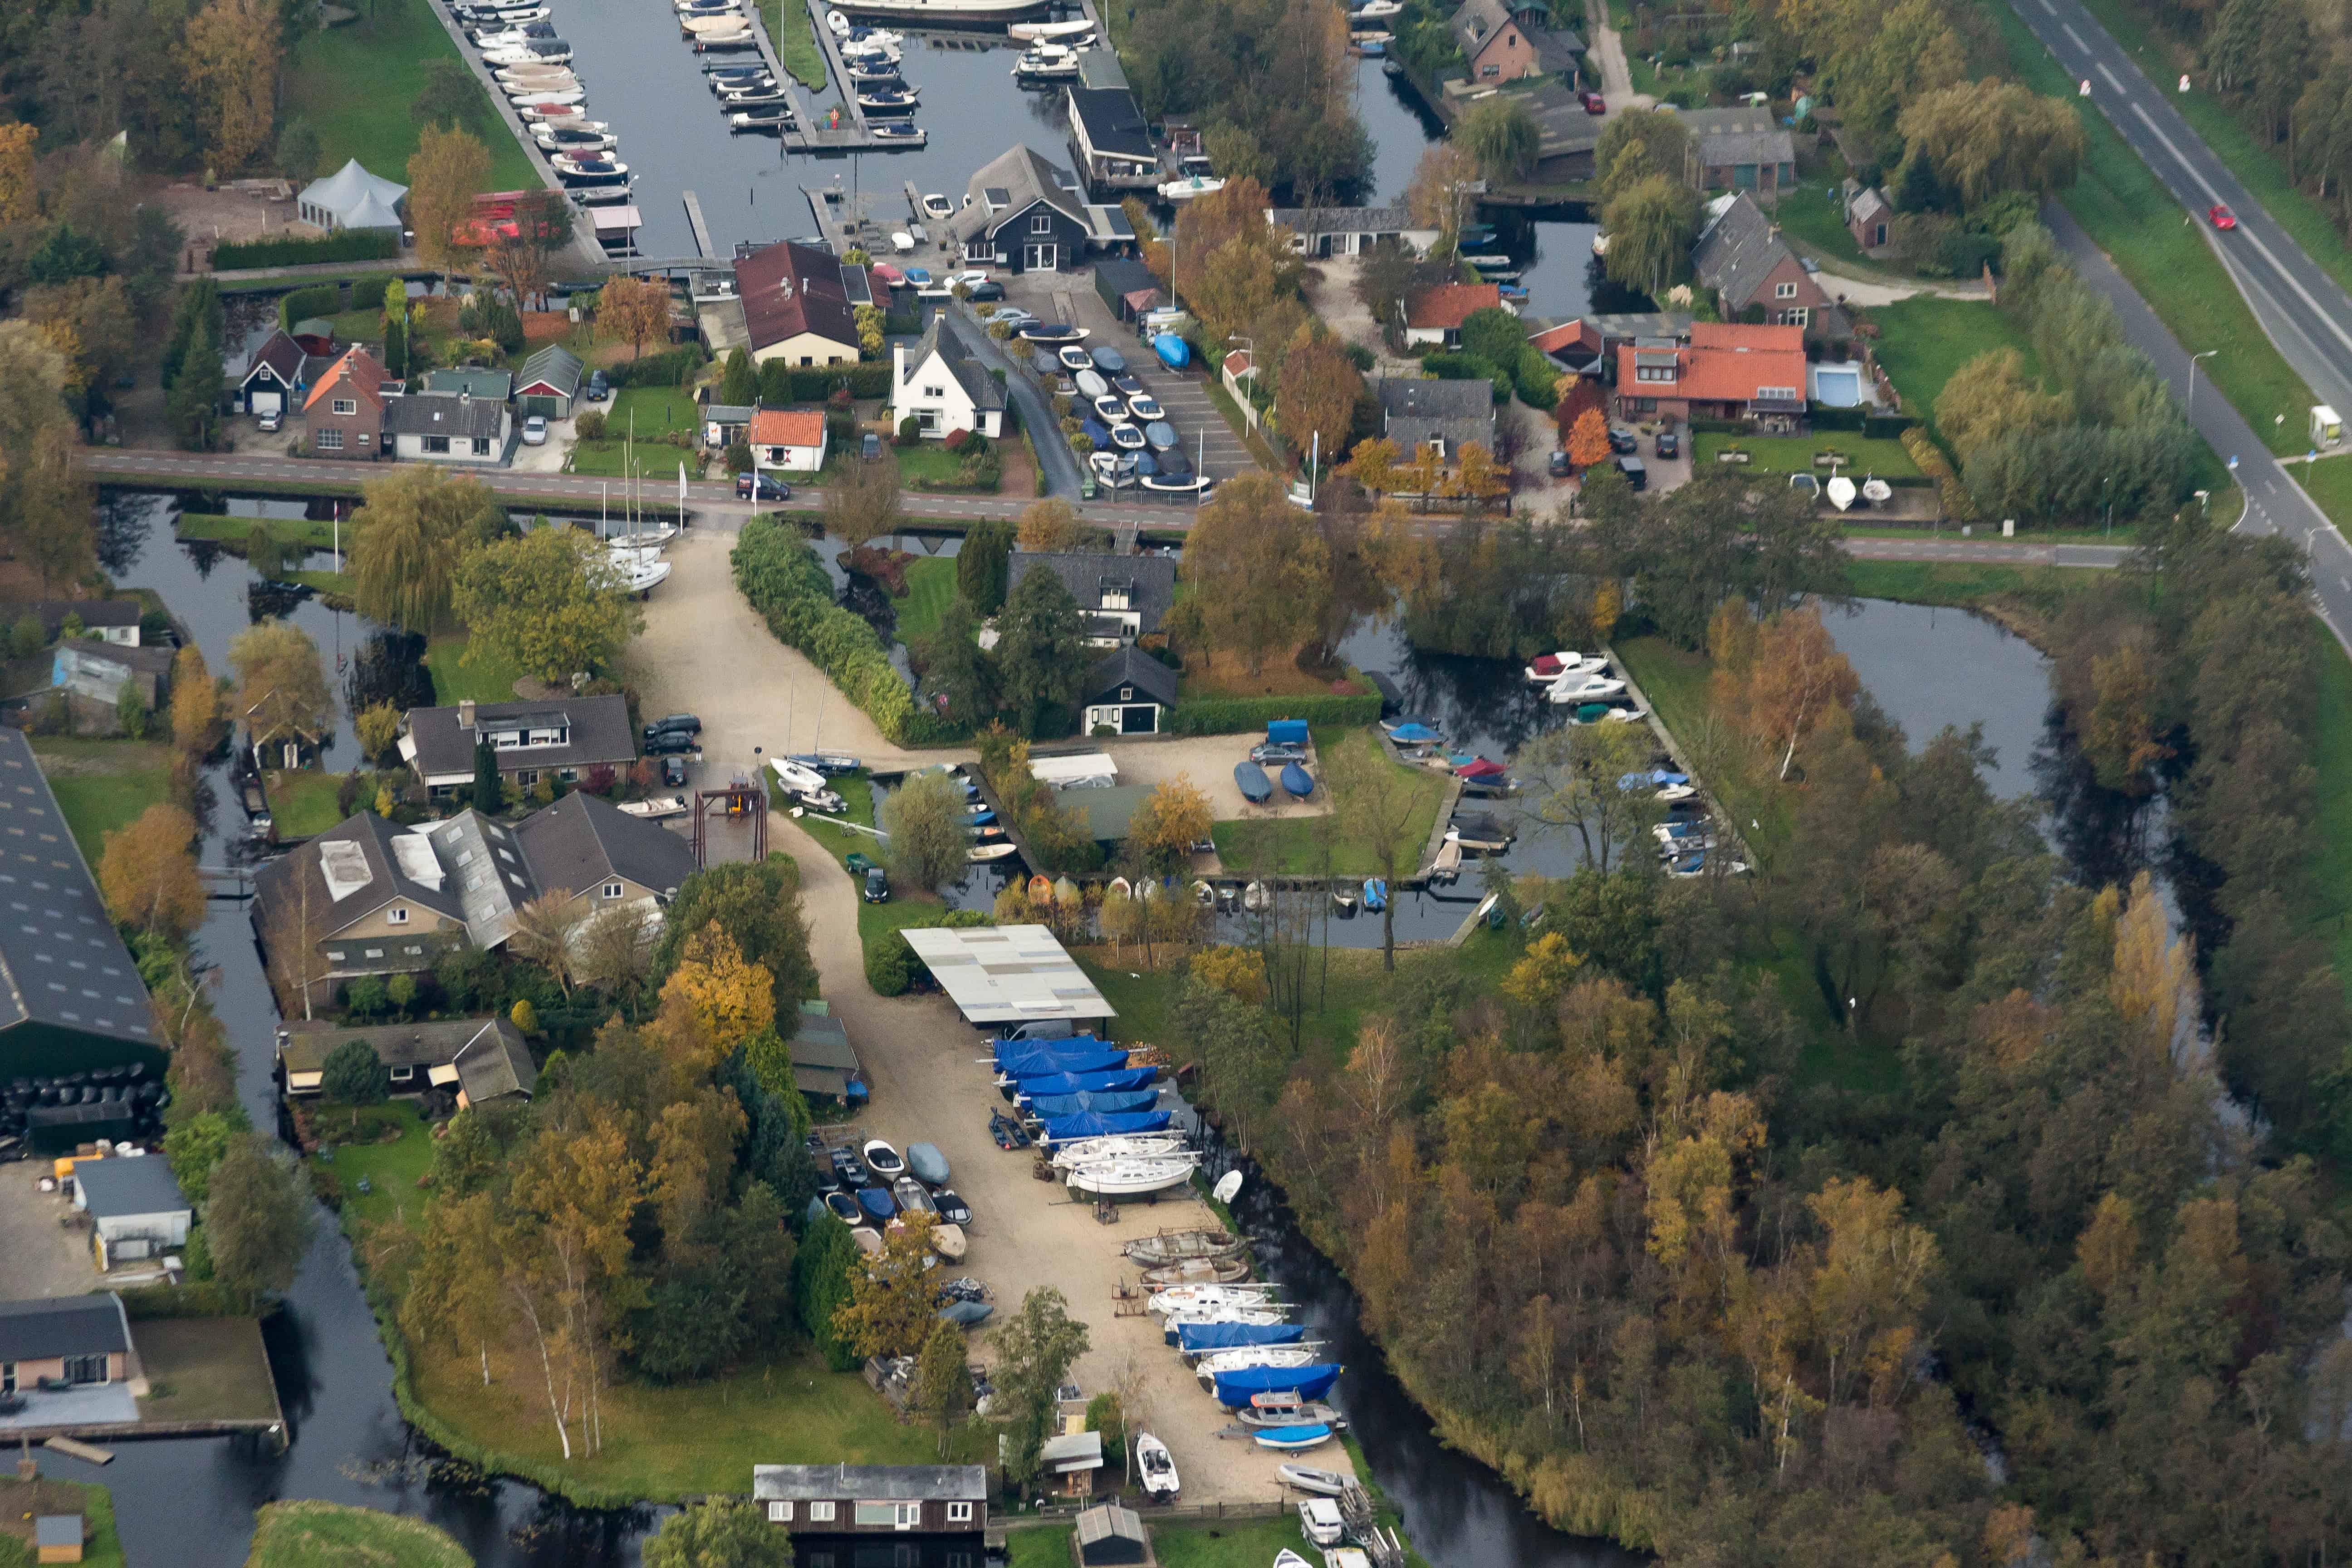 DeKloet en Alufleet aerial